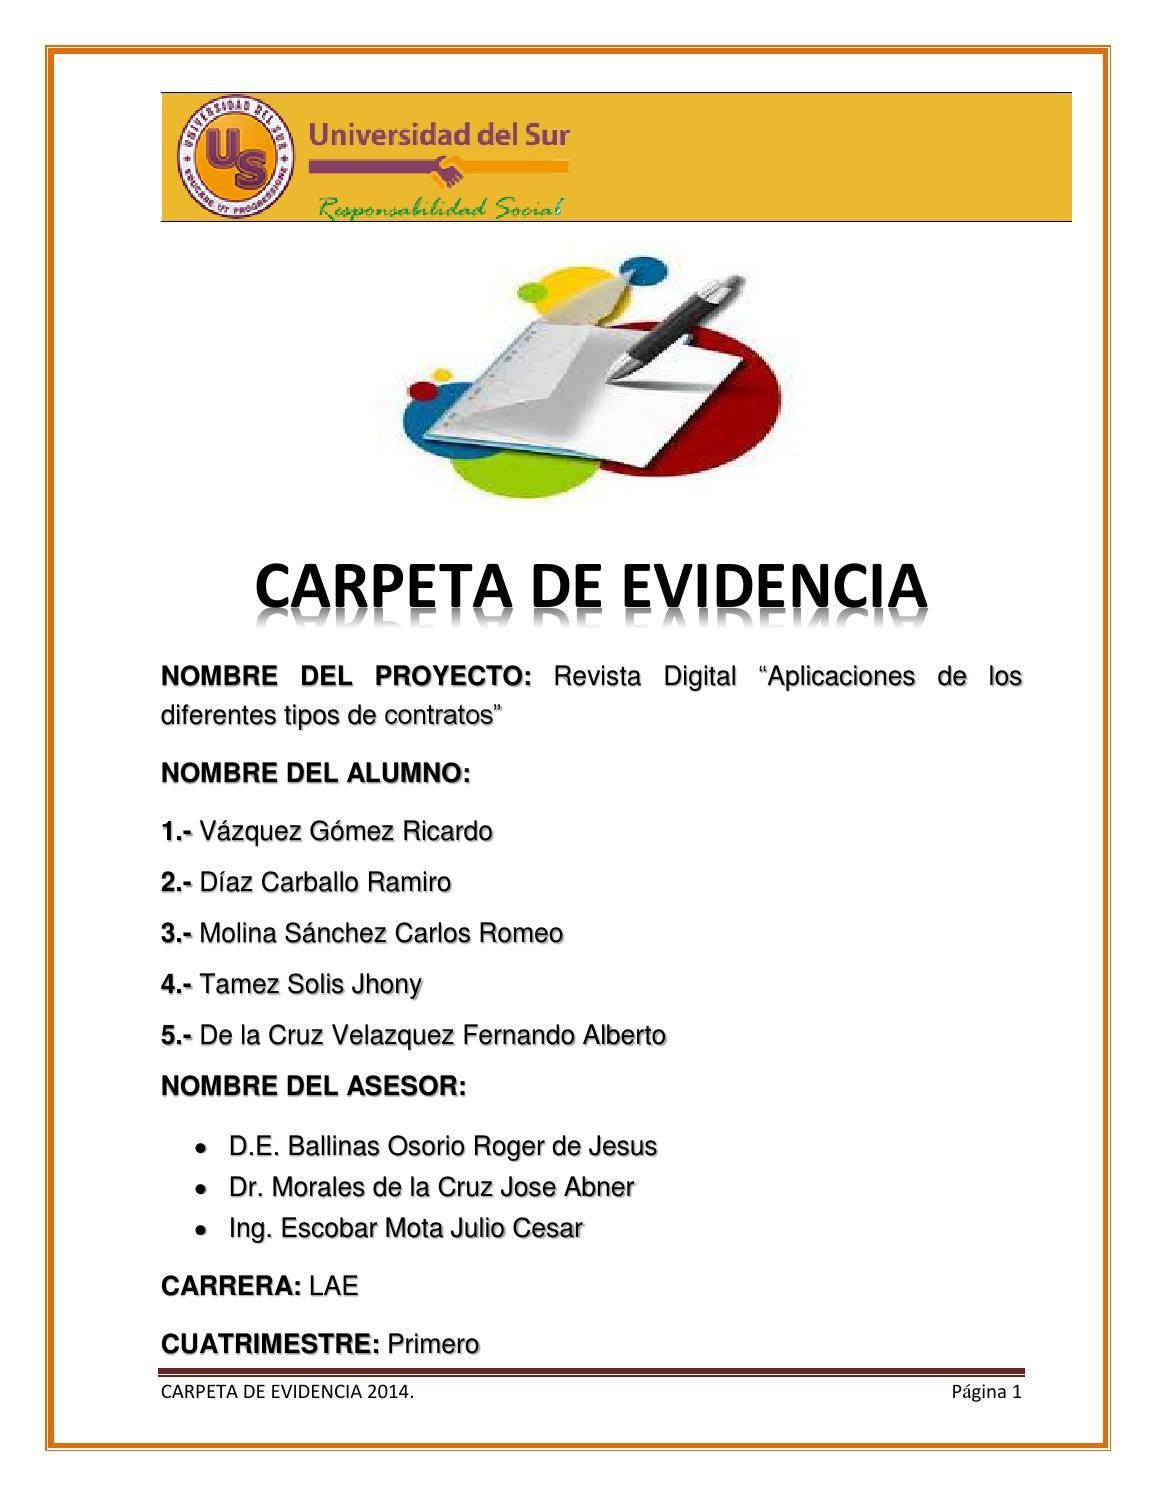 Carpeta de evidencia formato by Ricardo Vazquez Gomez - issuu